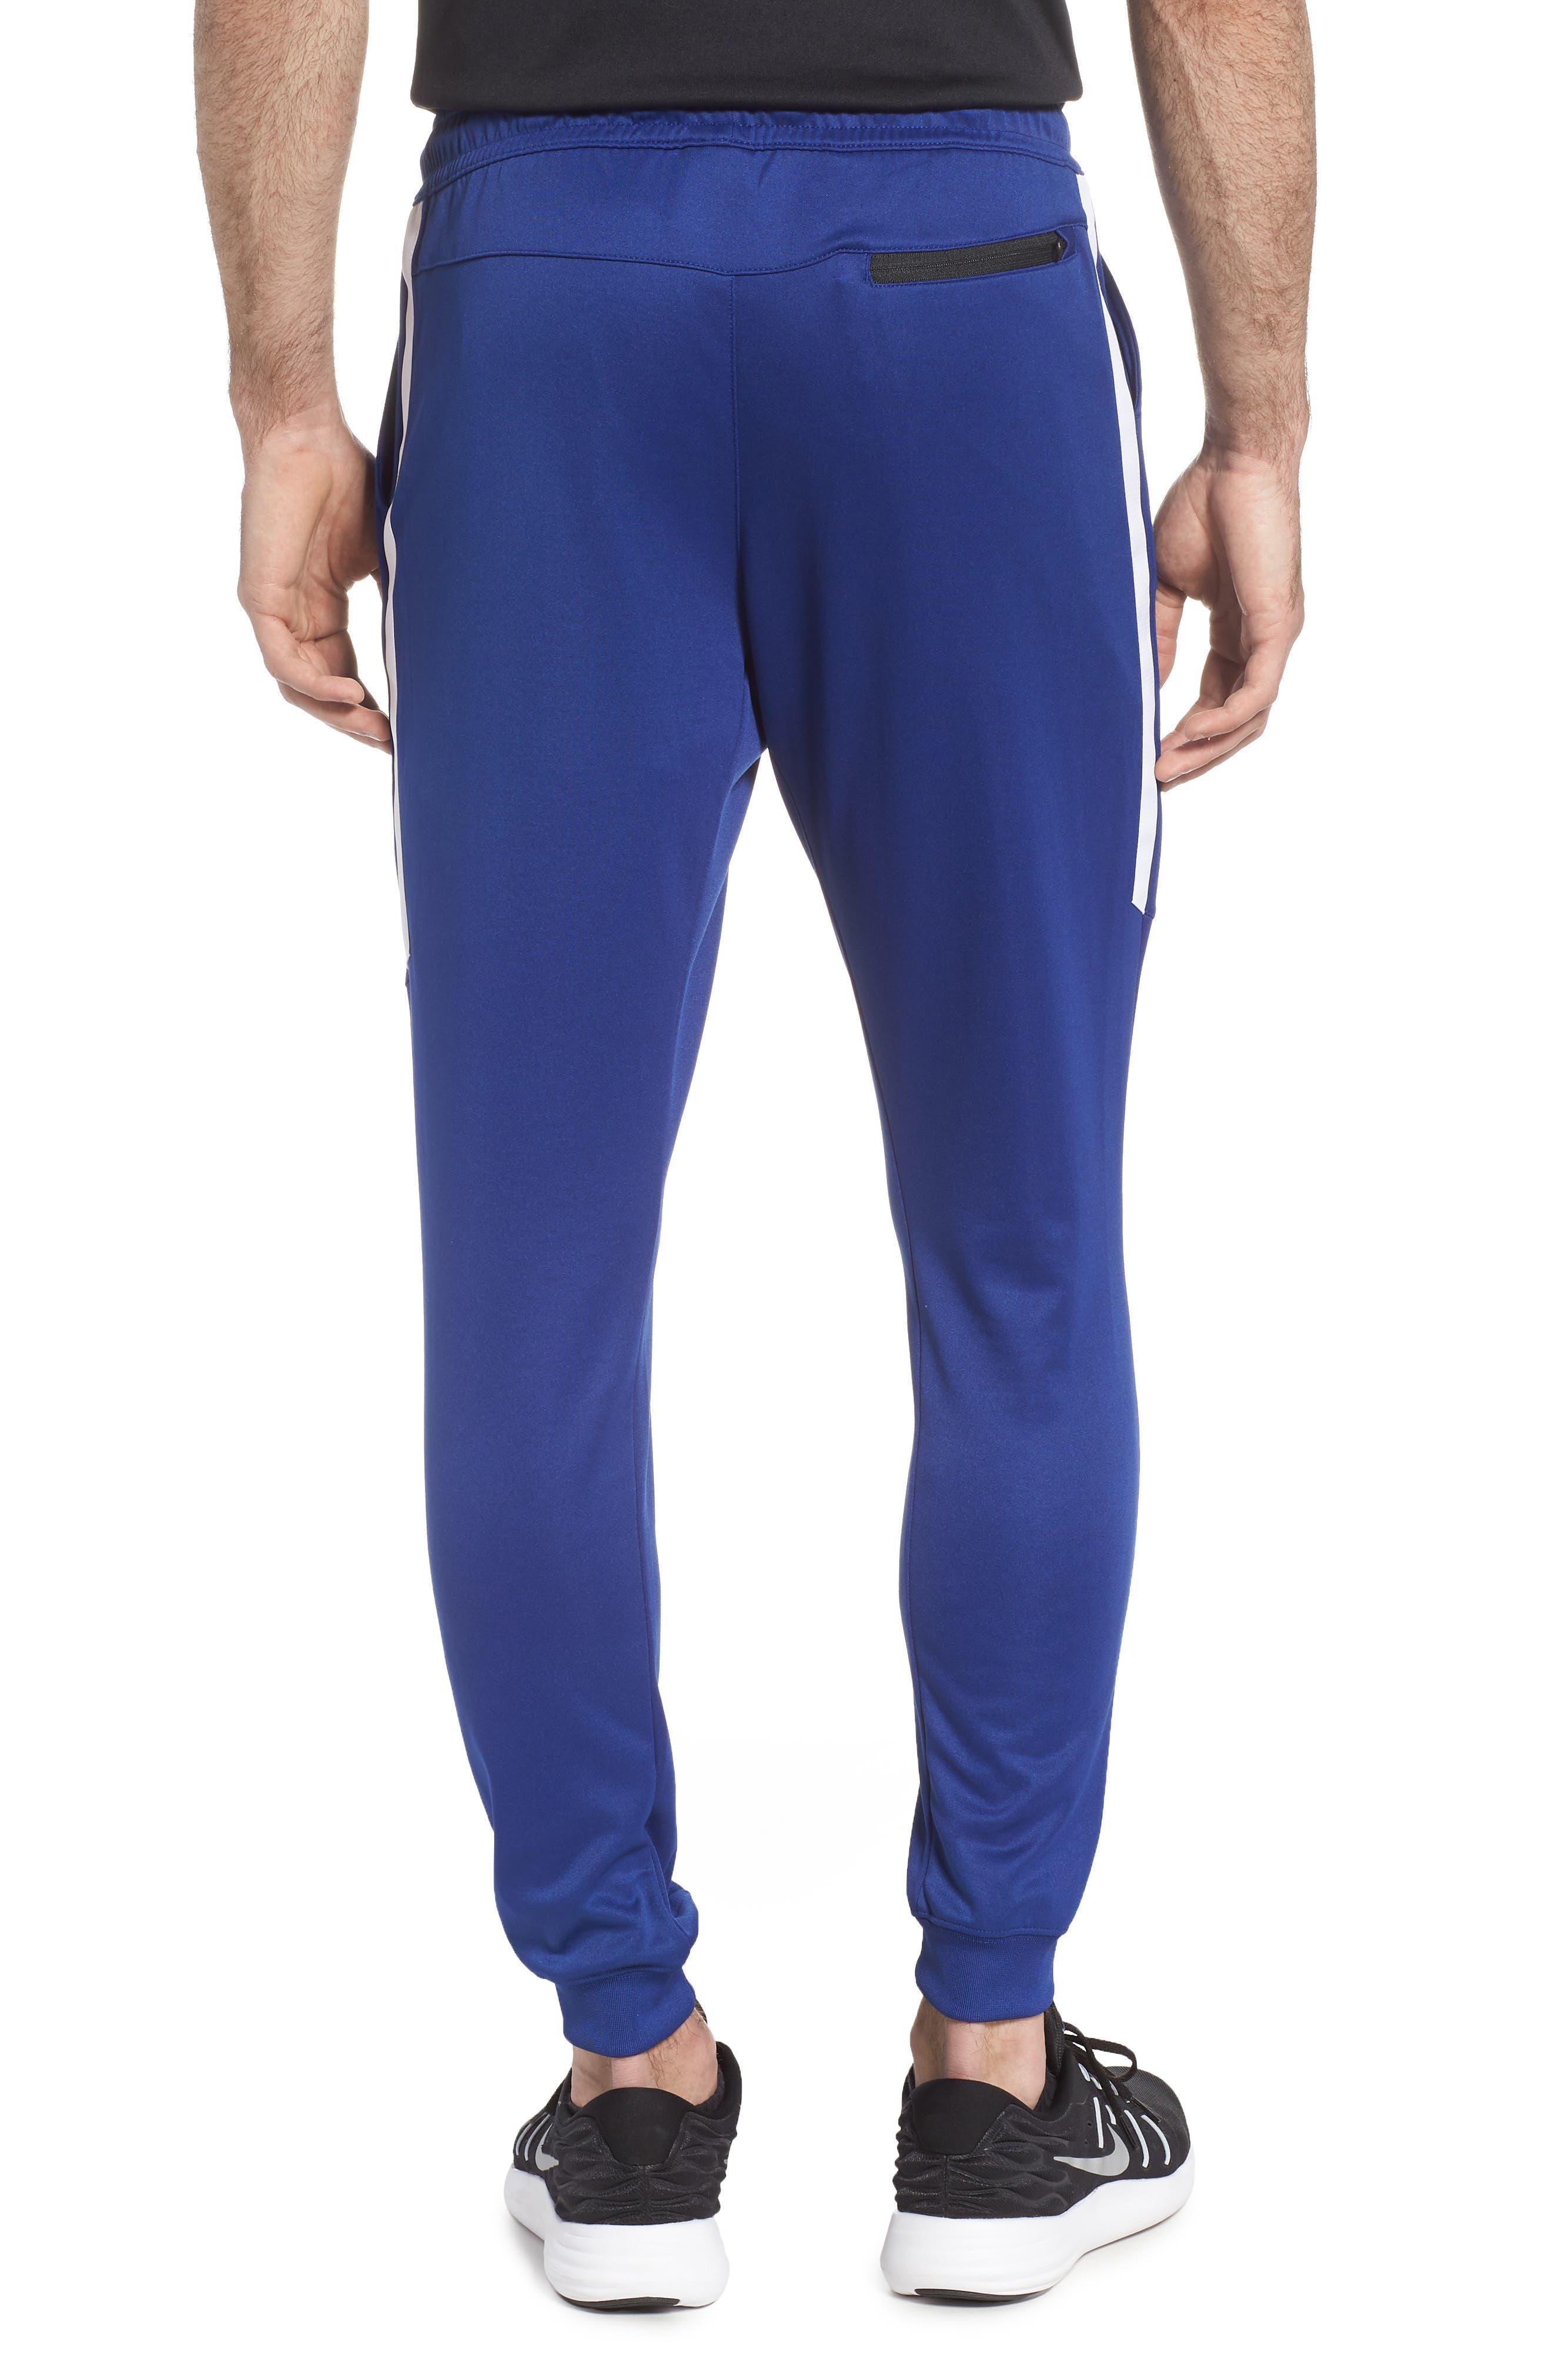 Tribute Jogger Pants,                             Alternate thumbnail 2, color,                             Deep Royal Blue/ White/ White